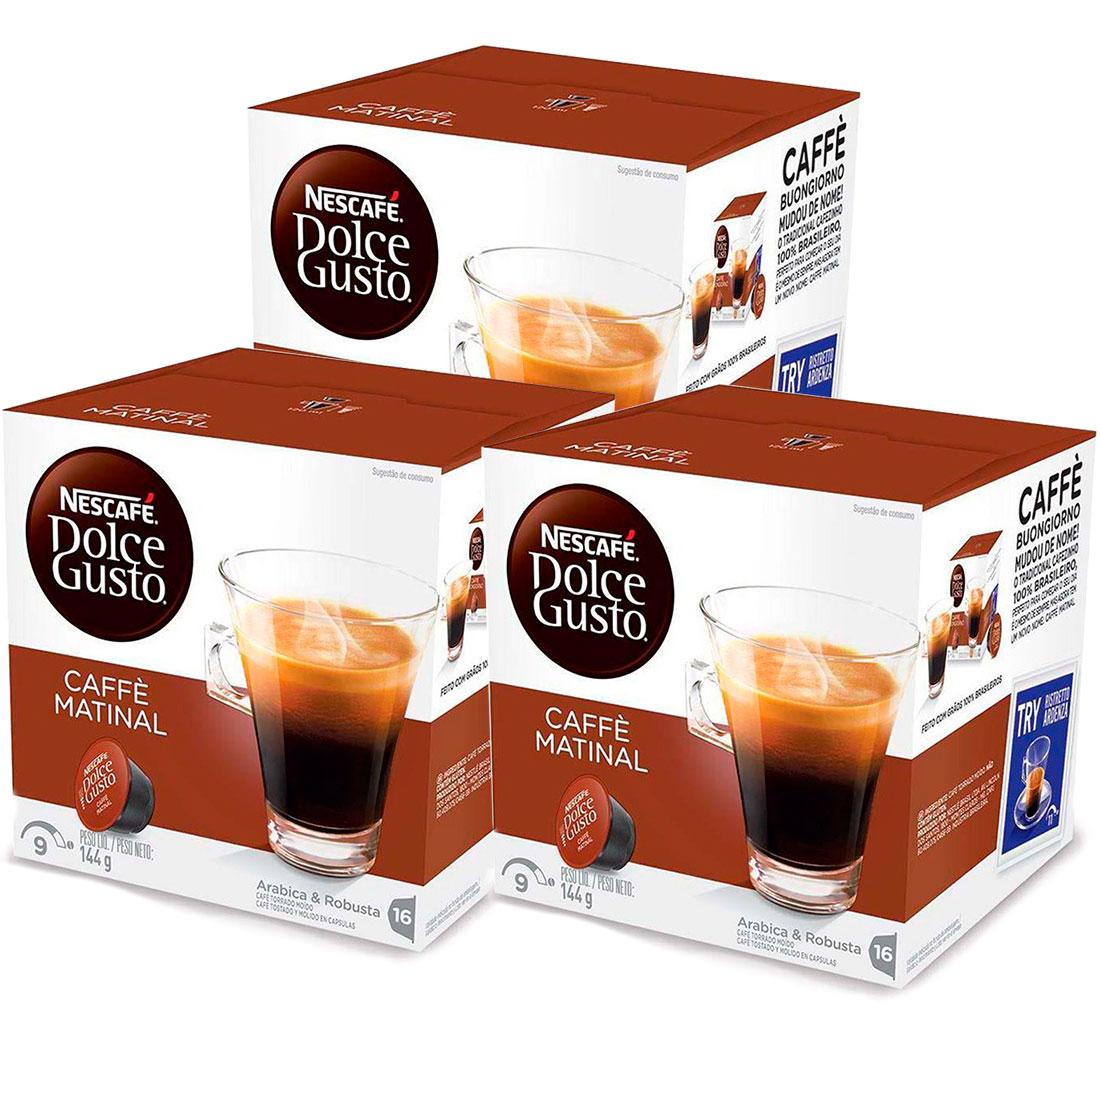 Kit 48 Cápsulas Nescafé Dolce Gusto  Caffè Matinal - Nestlé